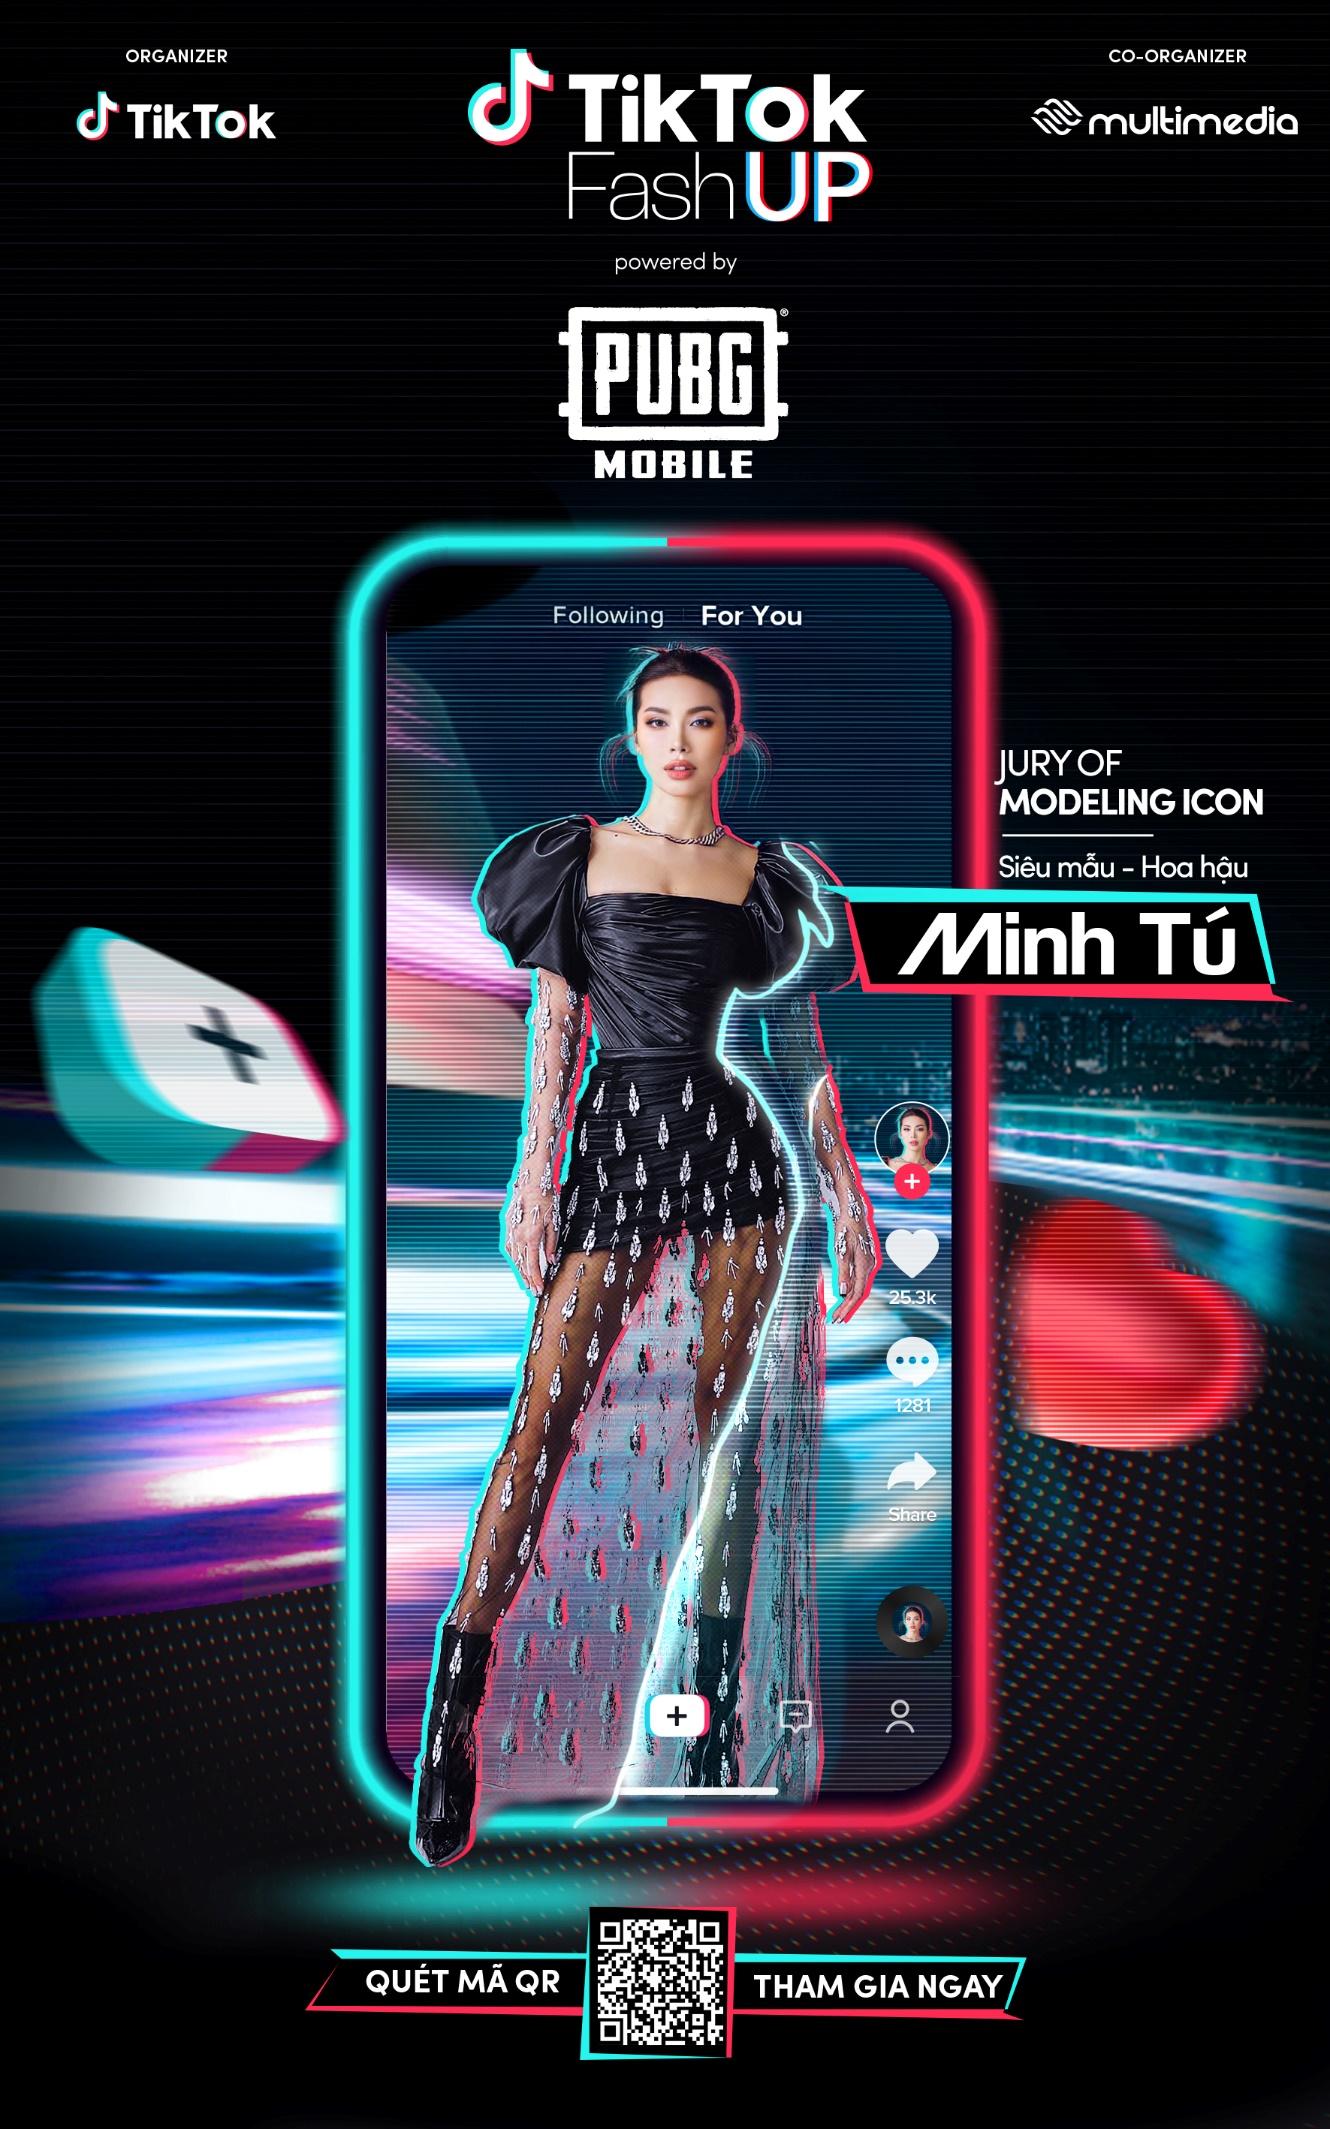 MultiMedia JSC lần đầu tiên sản xuất chương trình truyền hình thực tế tìm kiếm nhà sáng tạo nội dung về thời trang trên nền tảng TikTok! - Ảnh 6.